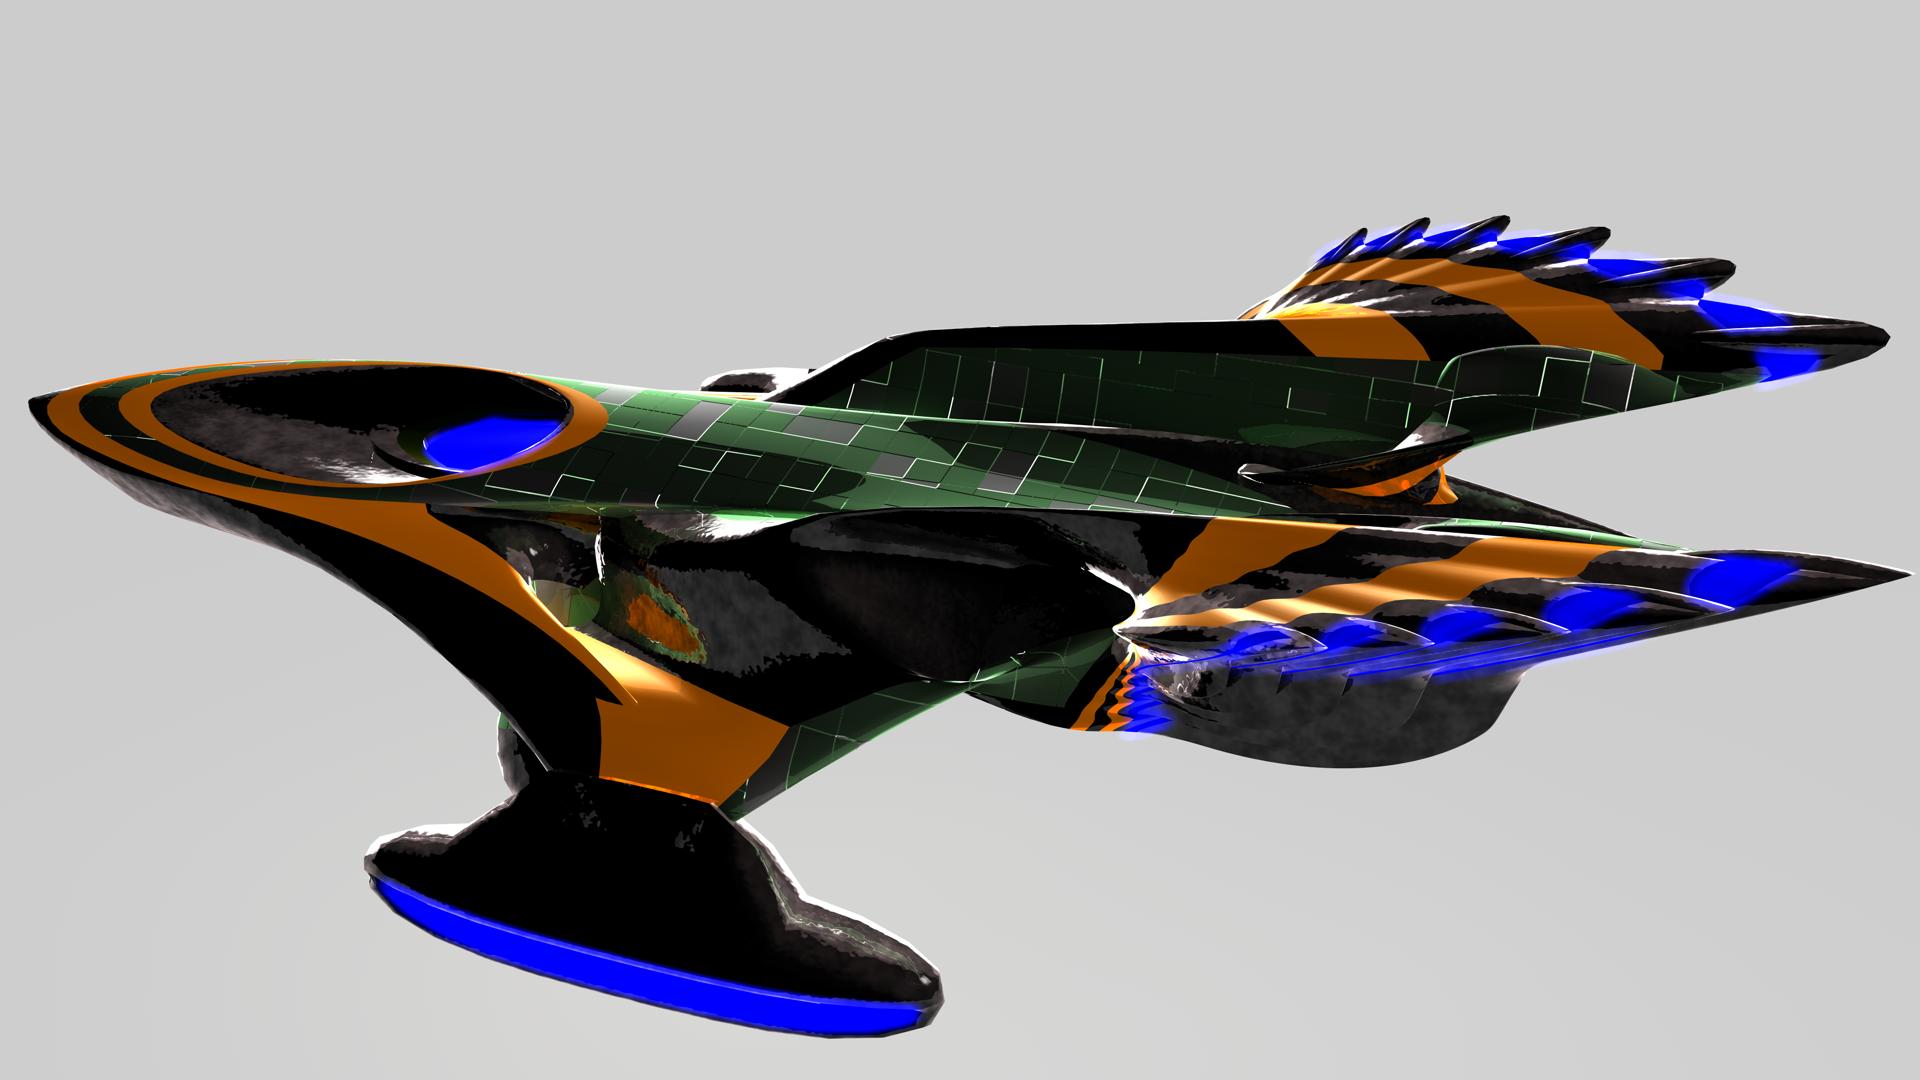 Racer Shuttle 2